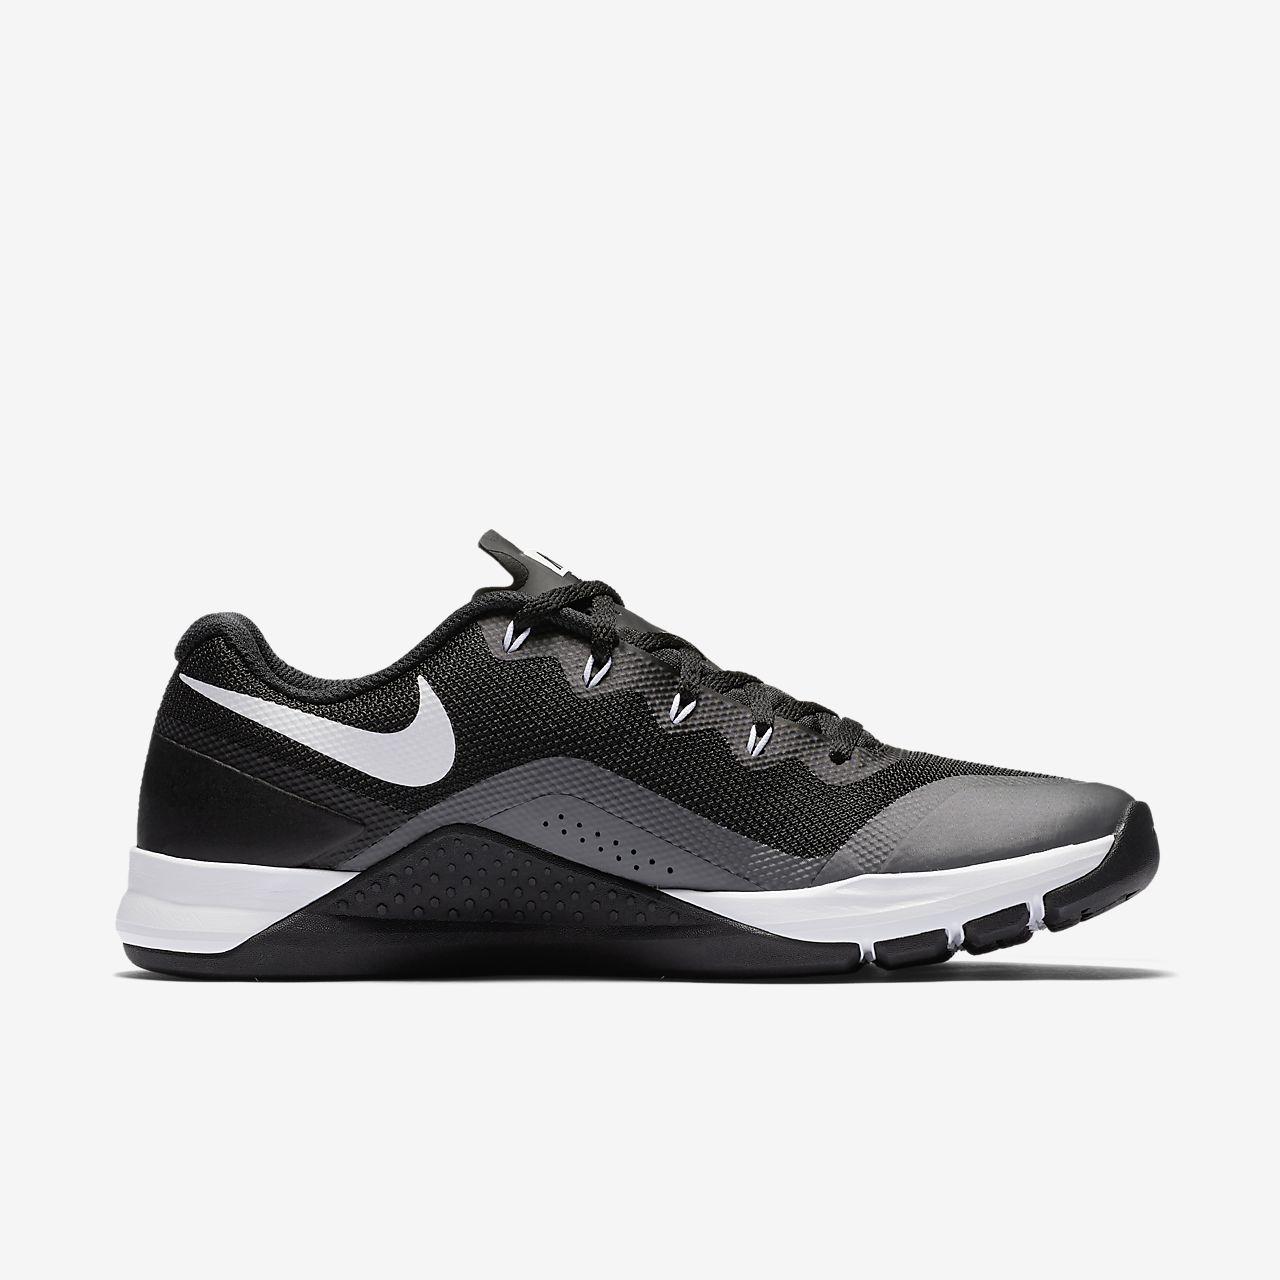 ... Nike Metcon Repper DSX Women's Training Shoe